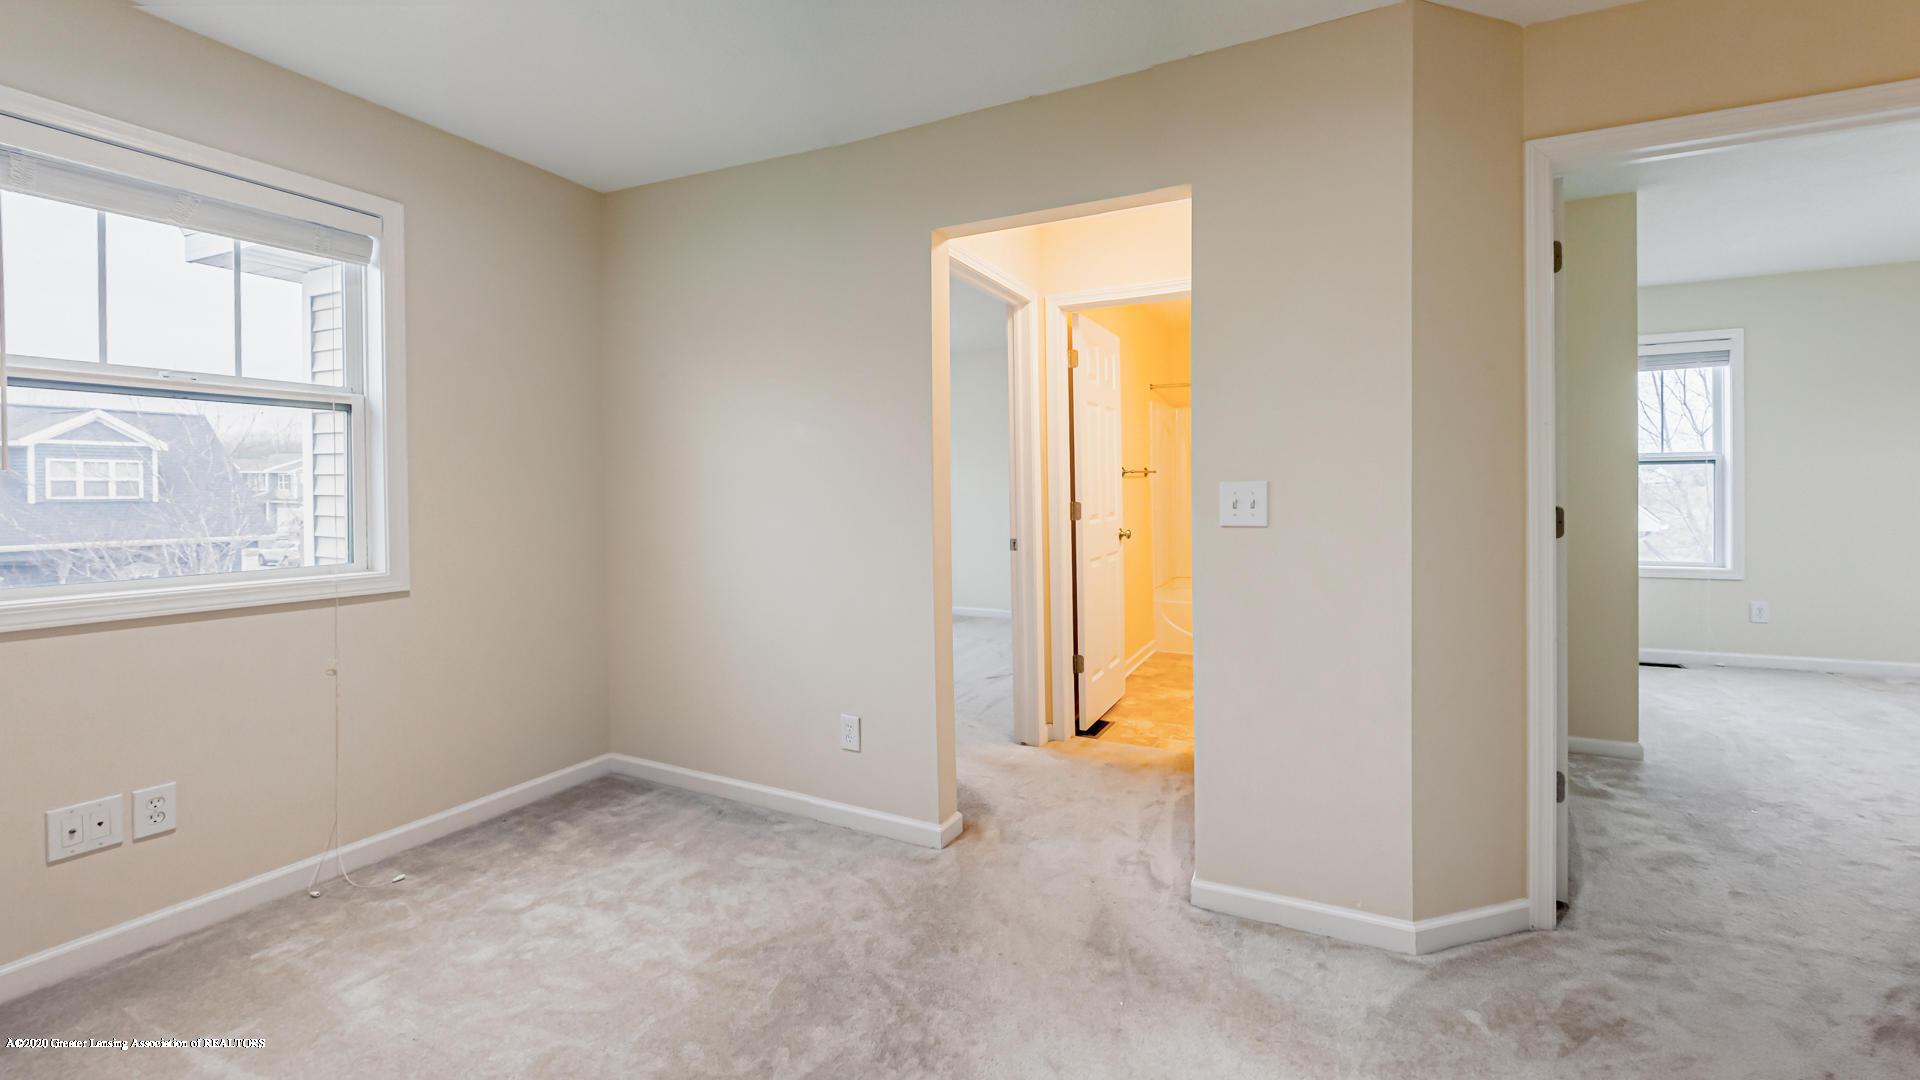 3612 Shearwater Ln - Bedroom - 16